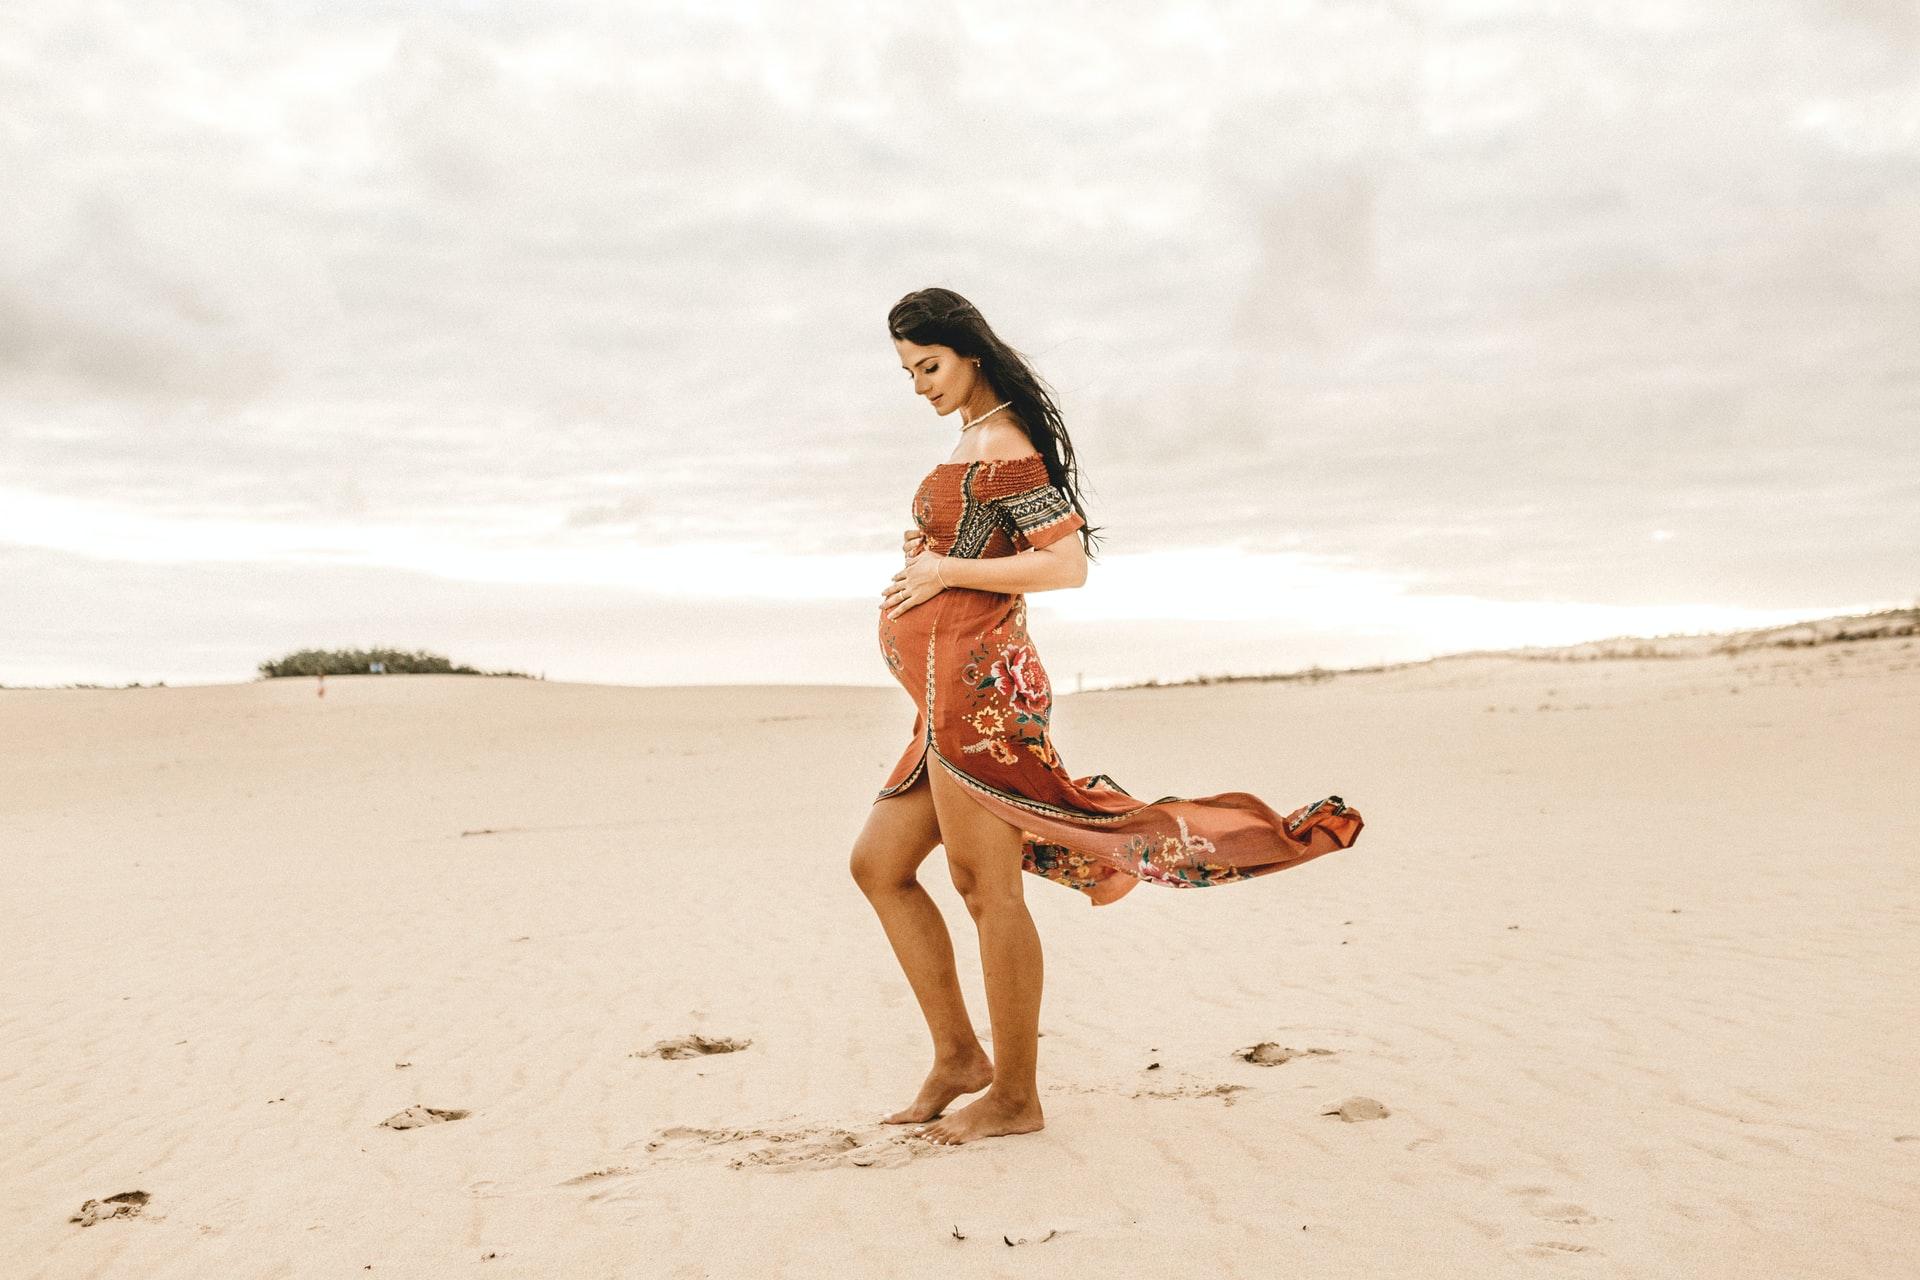 Samotność ciąży. Felieton Ewy Kalety